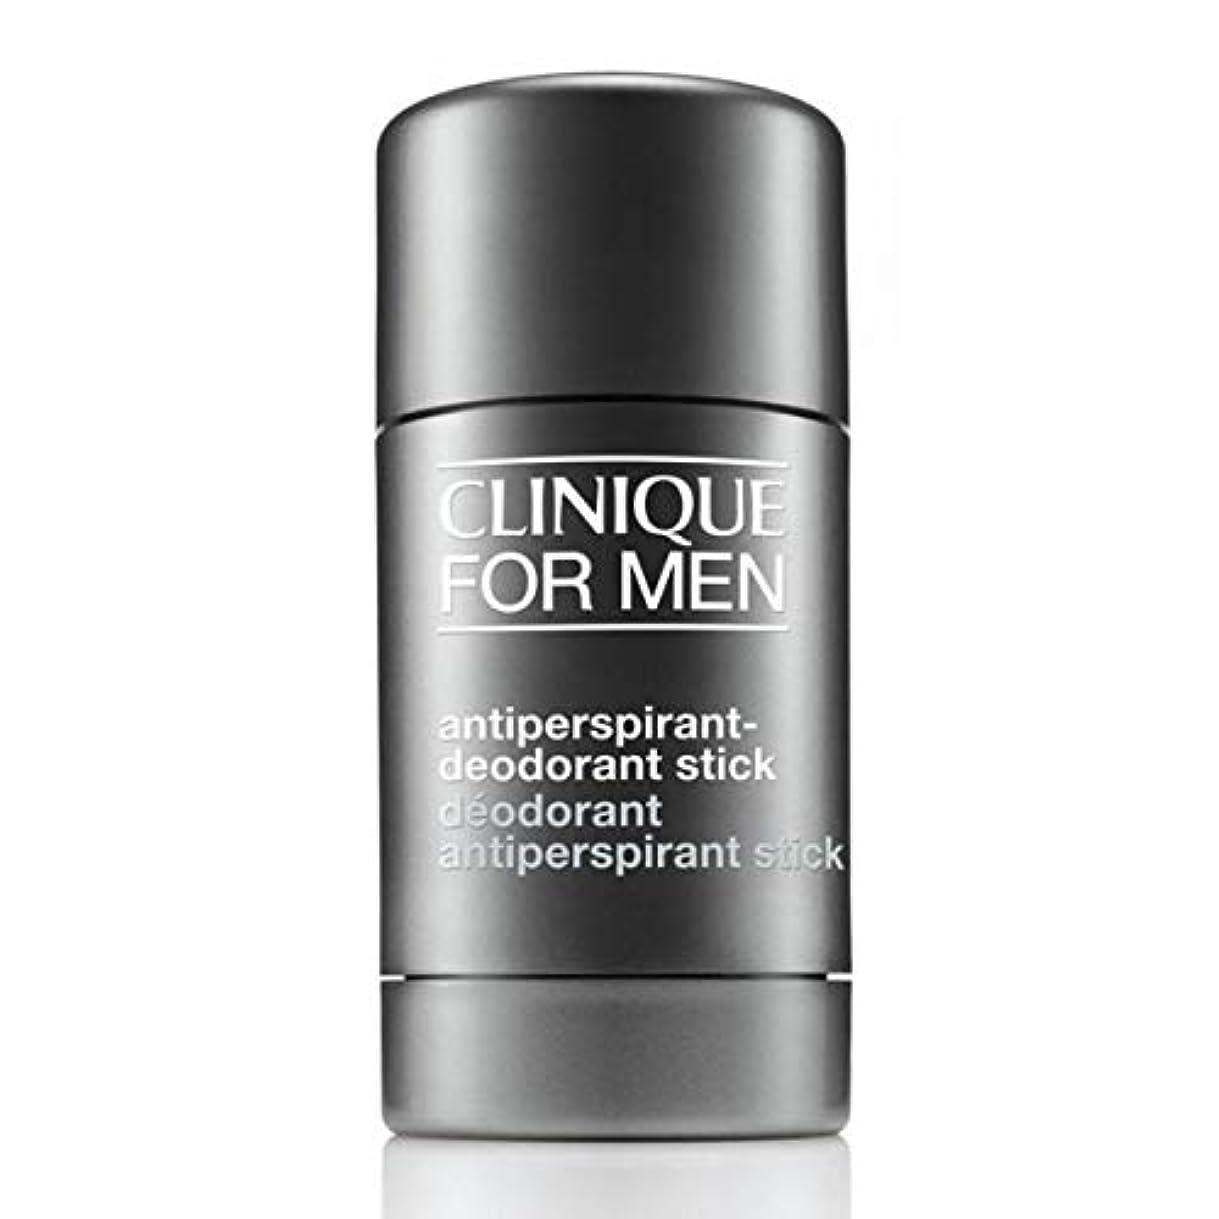 土ネイティブ突破口クリニーク メンズ アンティパースパイラント デオスティック フォーメン 75ml CLINIQUE for Men